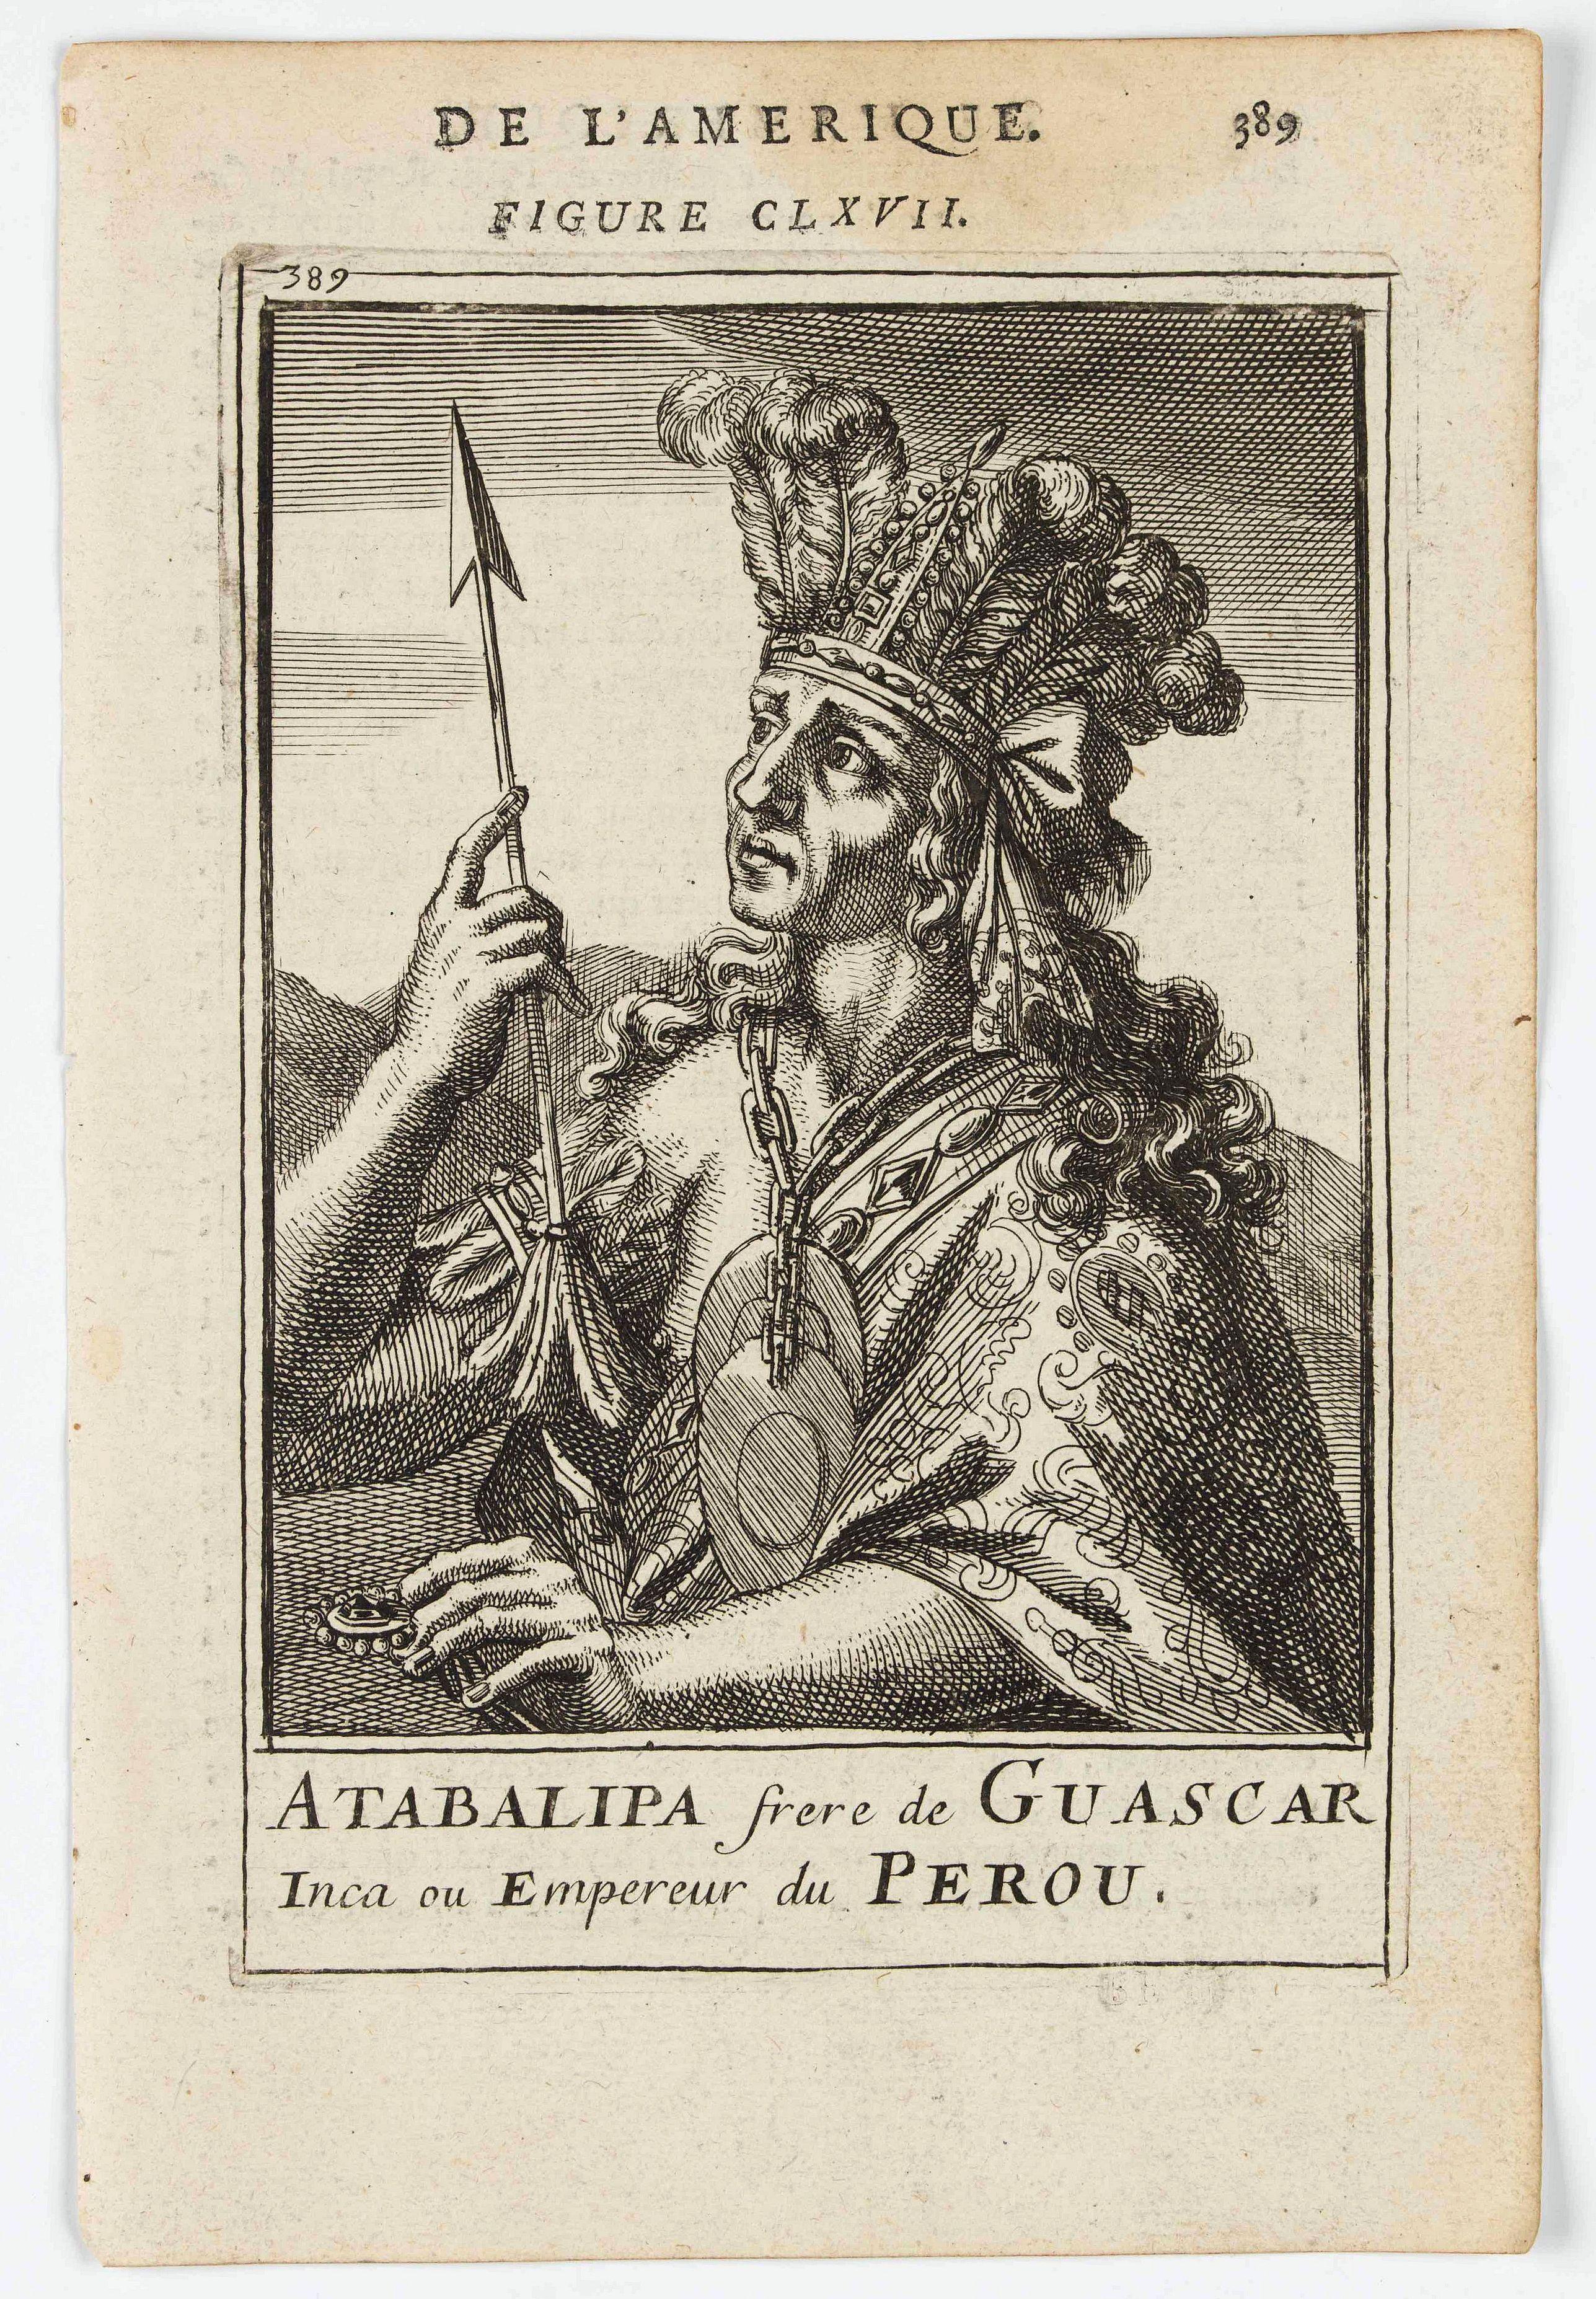 MANESSON MALLET, A. -  Atabalipa frere de Guascar Inca ou Empreur du Perou.